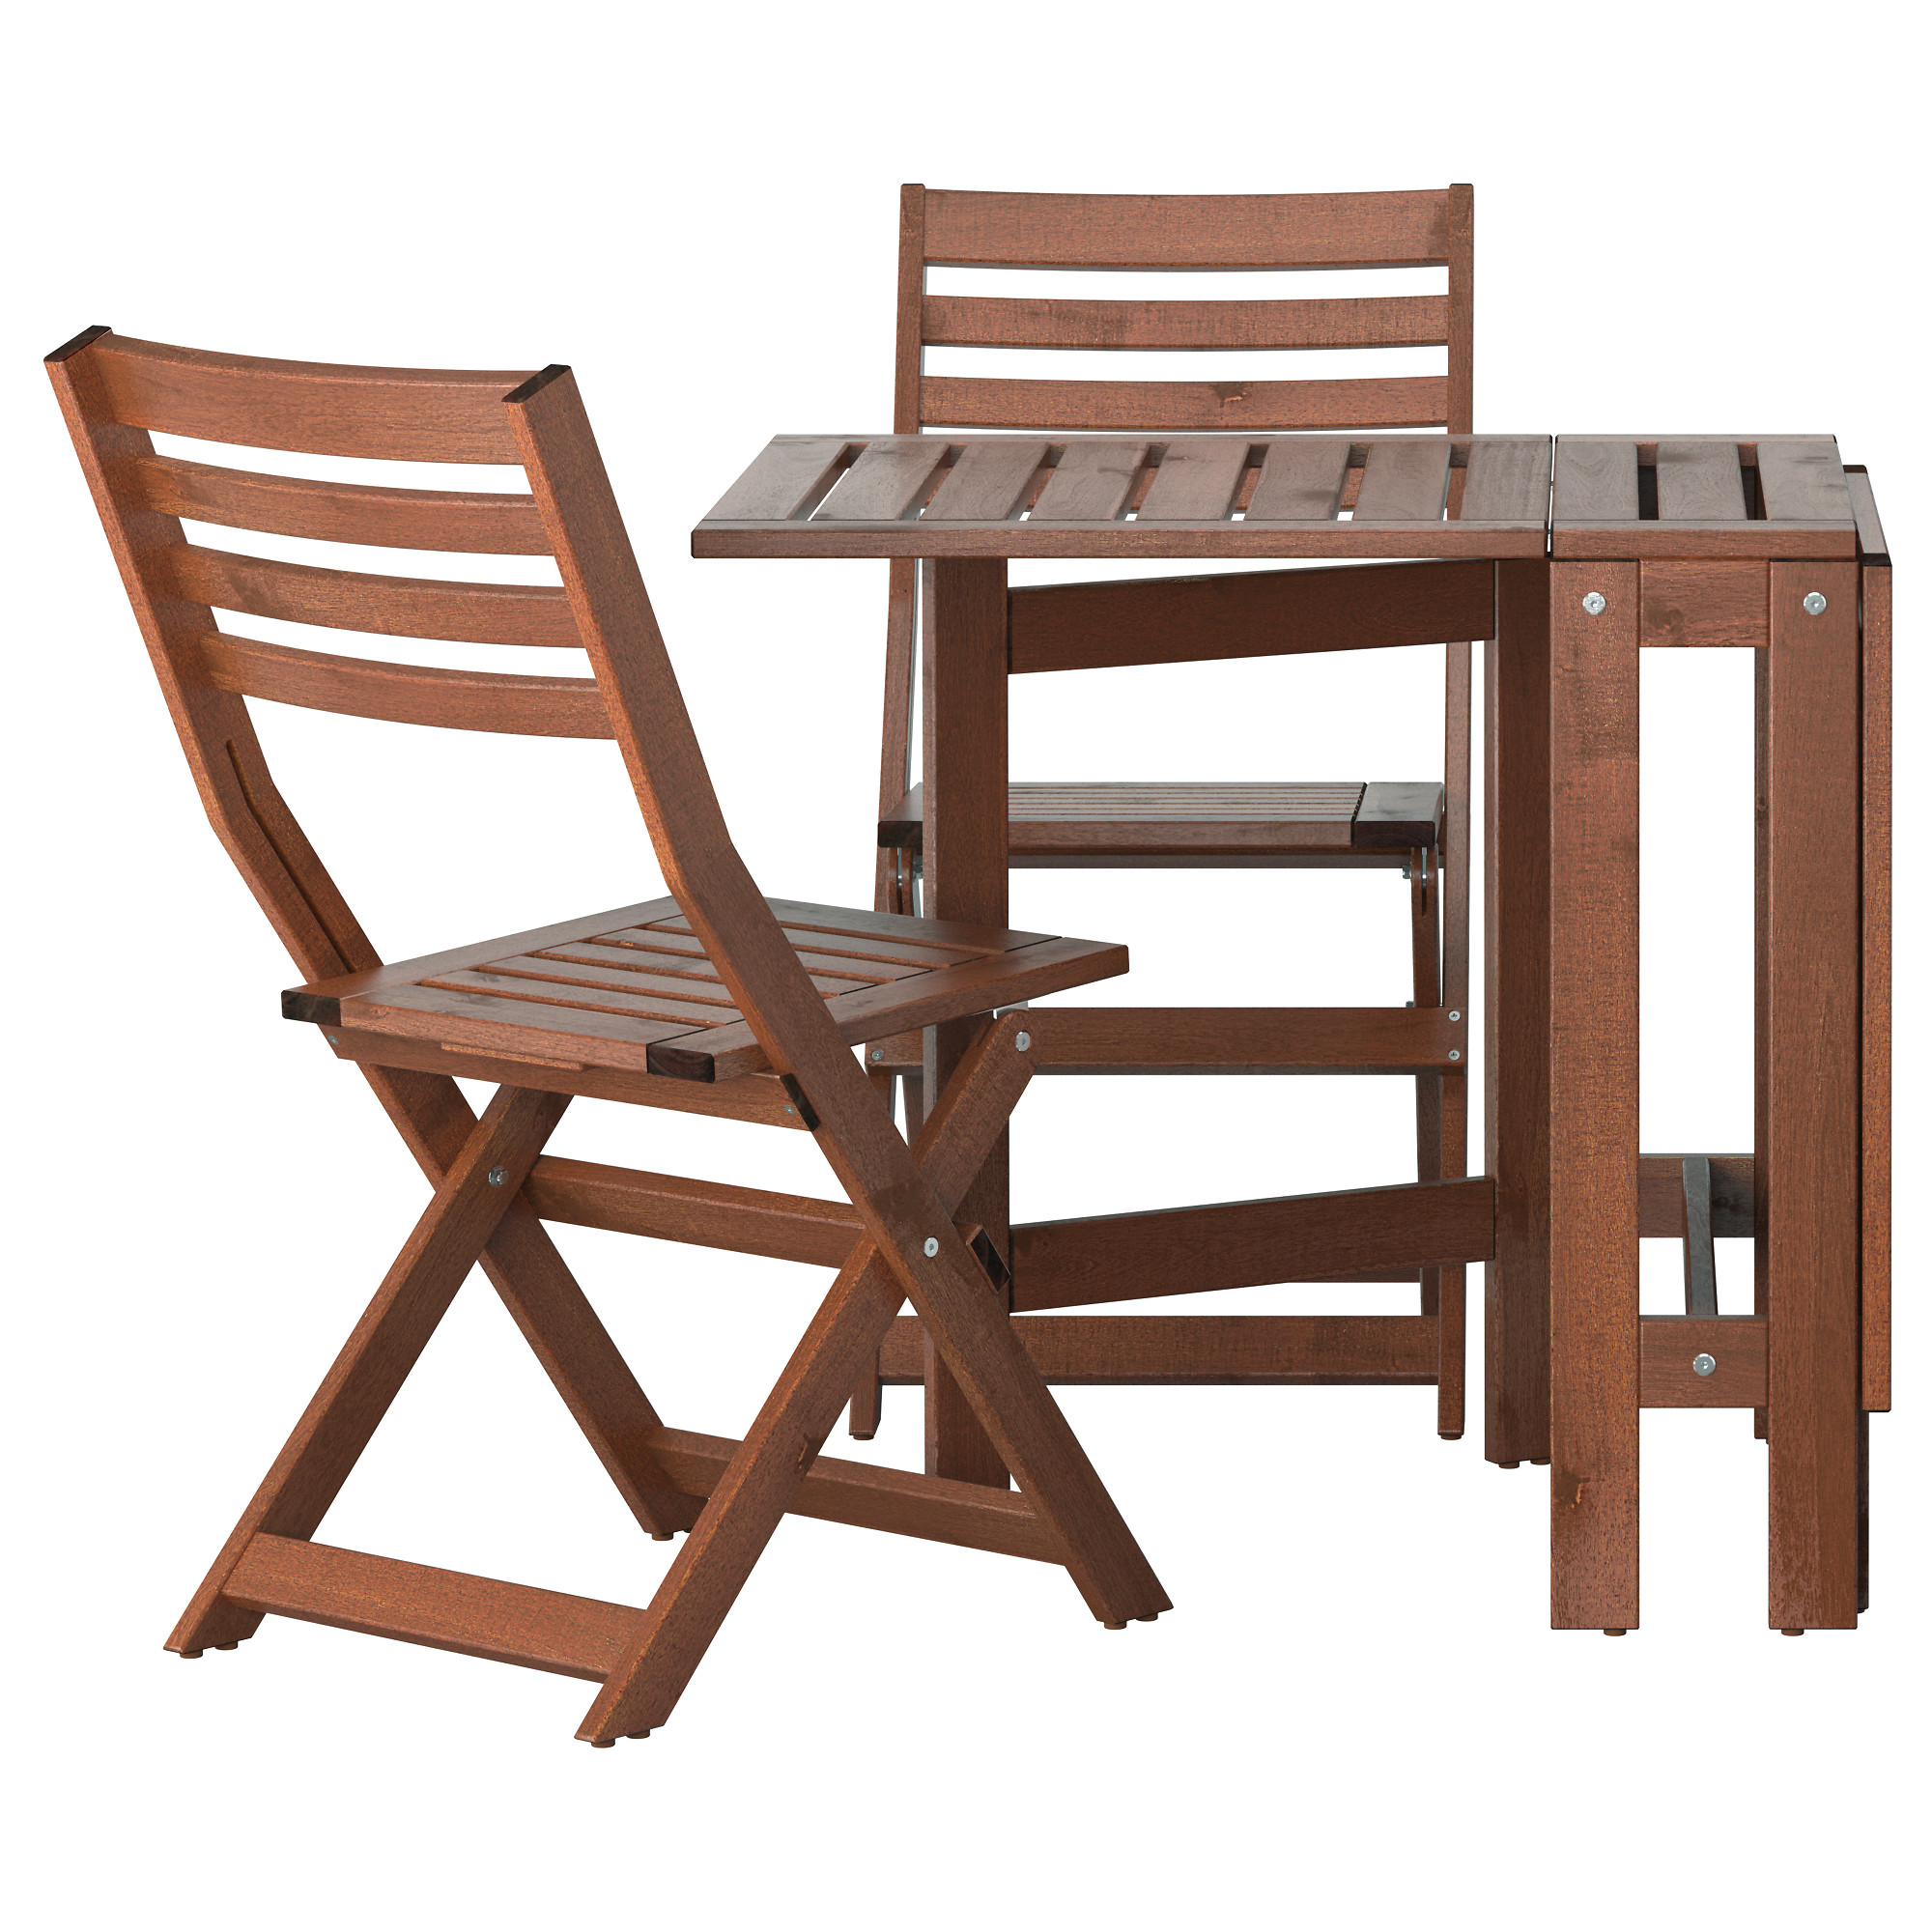 Стол + 2 складных стула для сада ЭПЛАРО артикуль № 392.289.26 в наличии. Online каталог IKEA Минск. Недорогая доставка и установка.